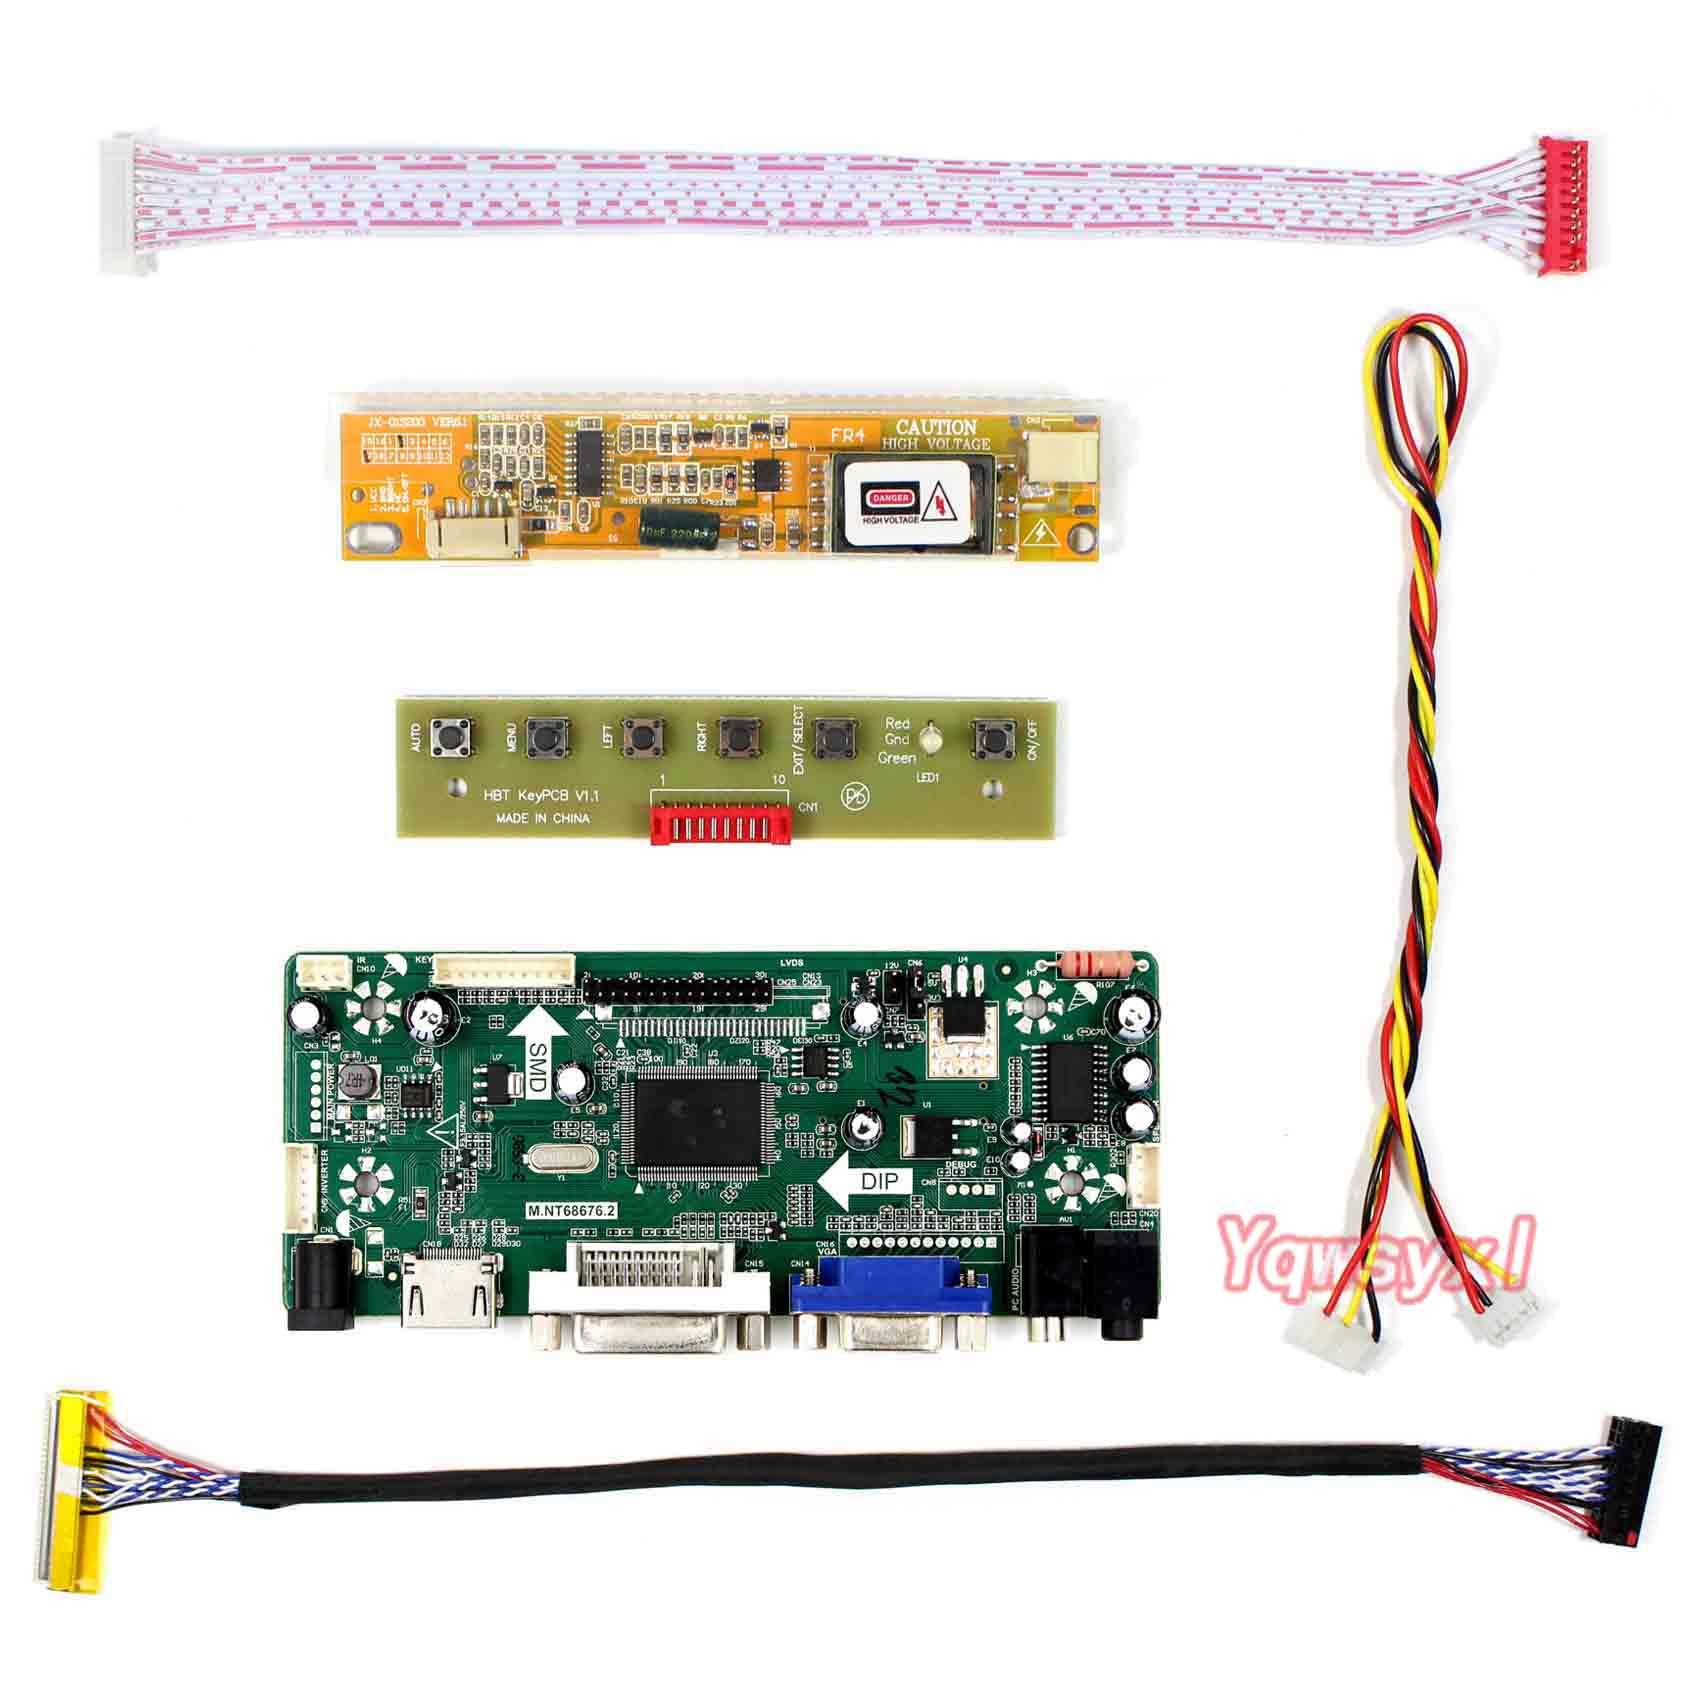 Yqwsyxl Control Monitor Kit para LP154WX4-TLC5 LP154WX4 (TL) (C5) + HDMI + DVI + VGA LCD pantalla LED Placa de controlador conductor